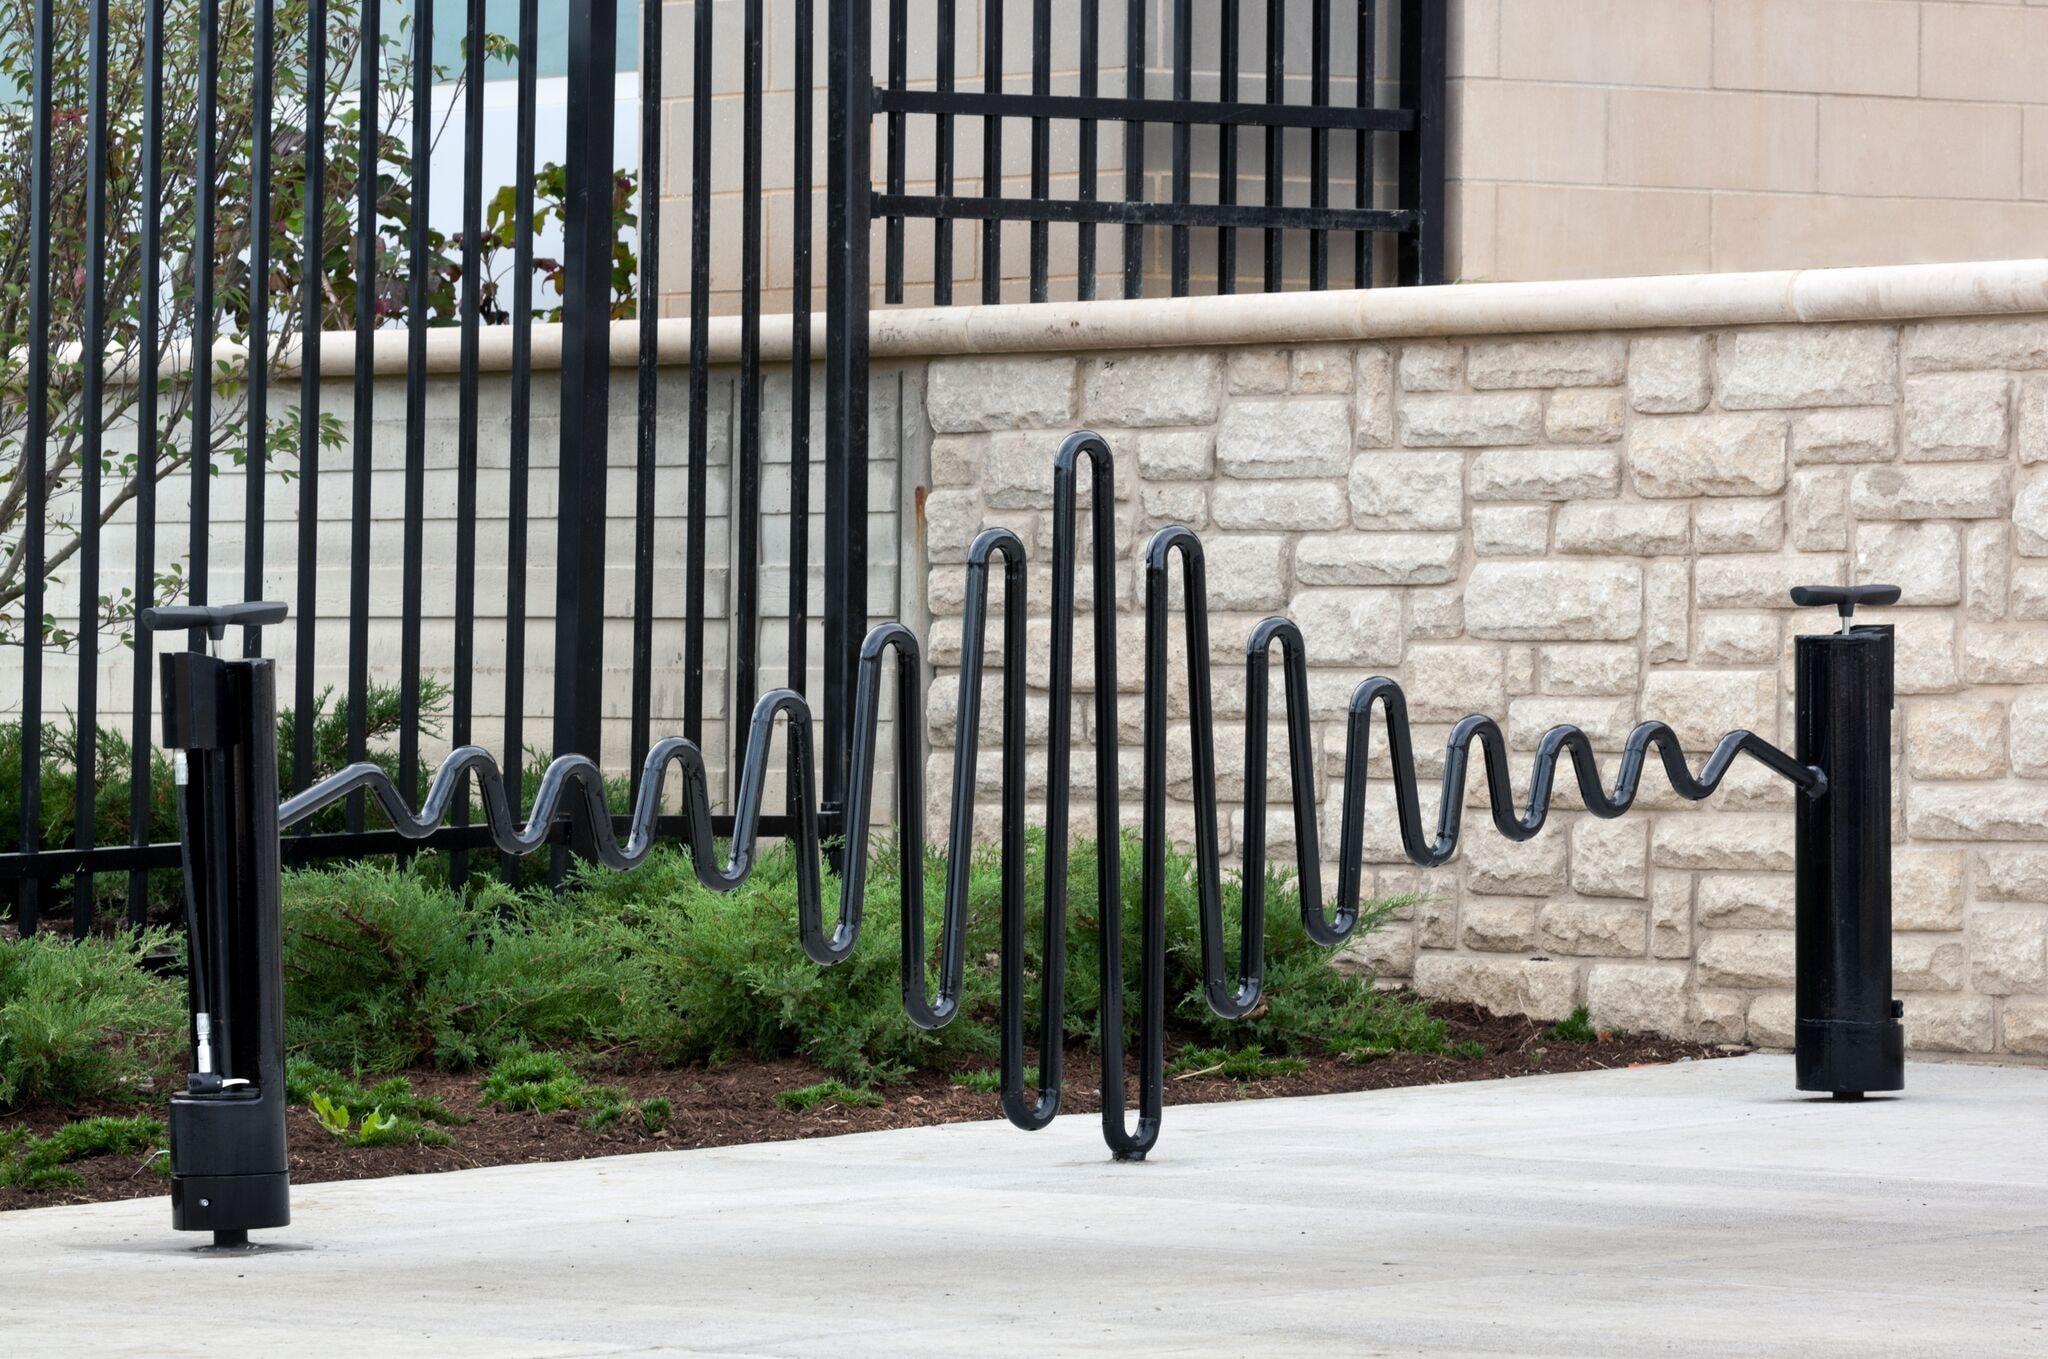 http://www.nashville.gov/Arts-Commission/Public-Art.aspx